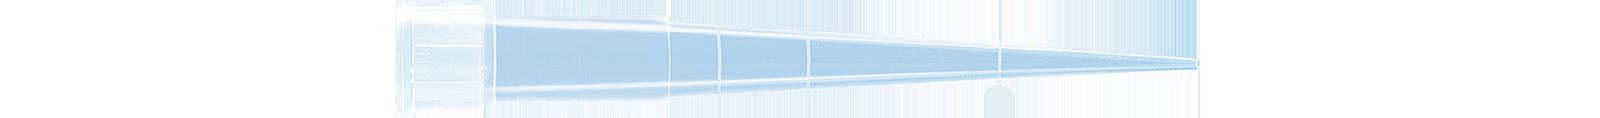 PONTEIRA 10 ML, TIPO GILSON PCTE COM 200 UN